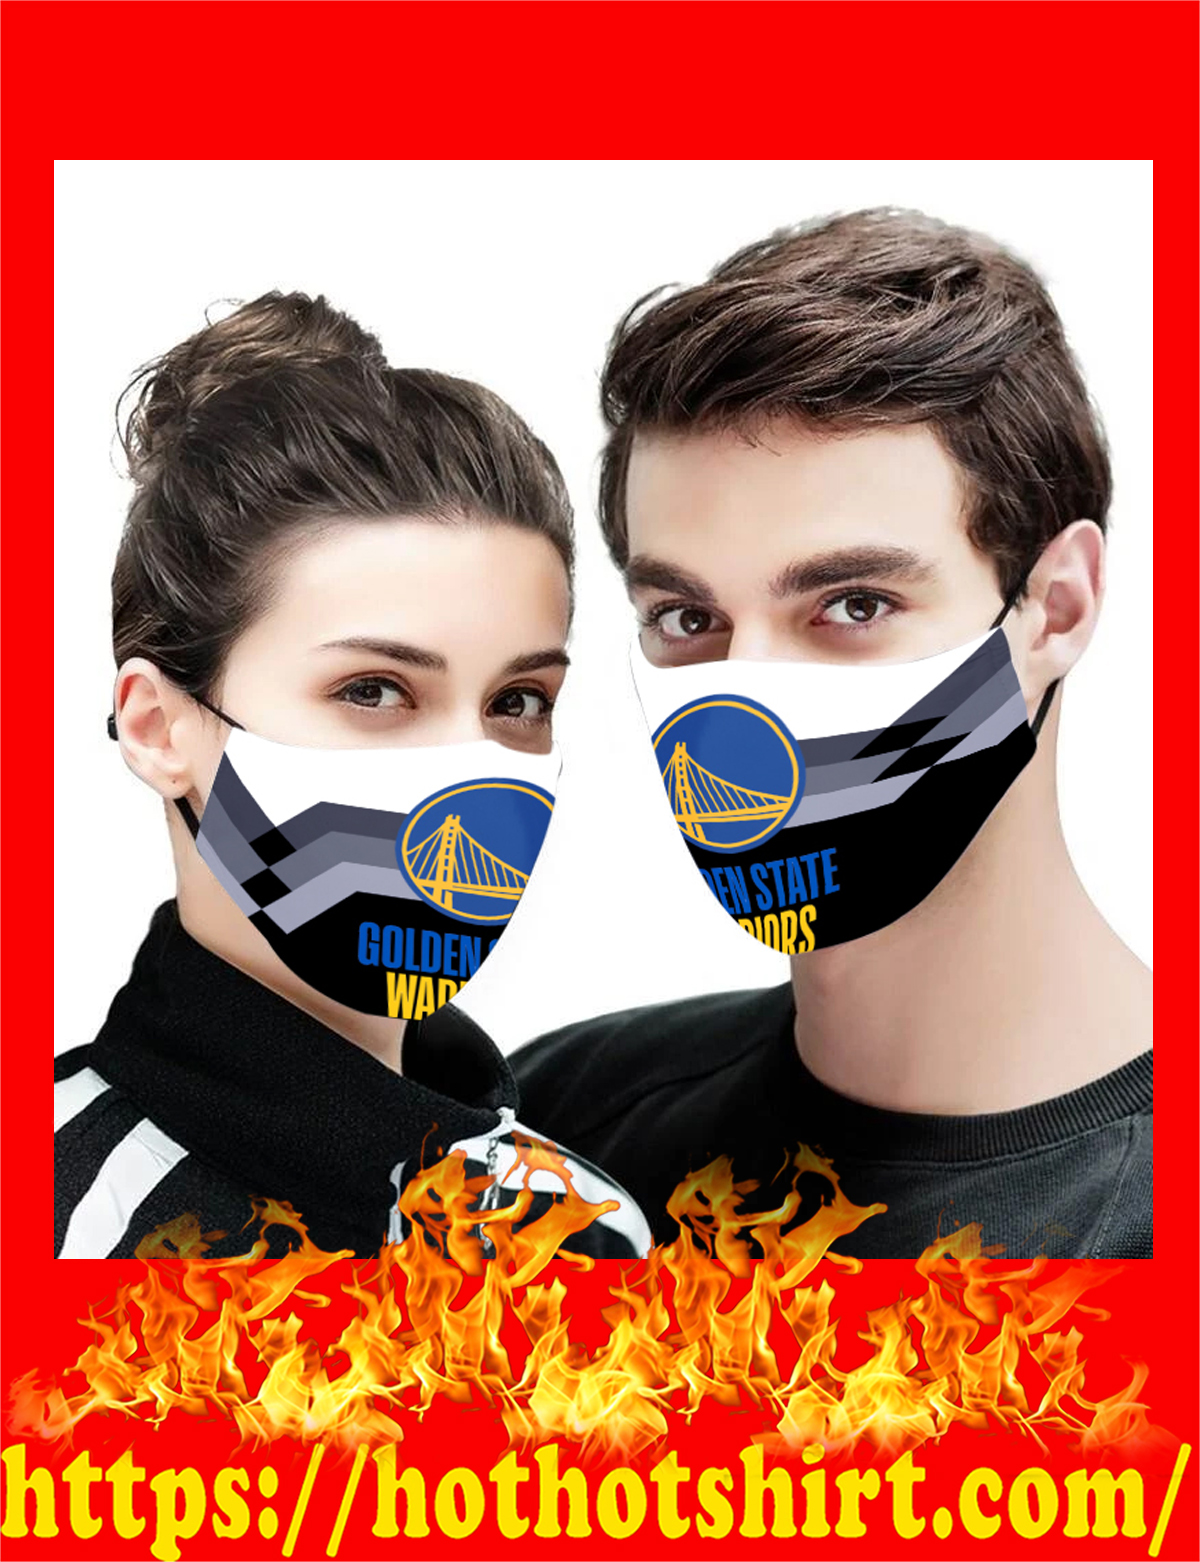 Golden State Warriors NBA face mask - detail